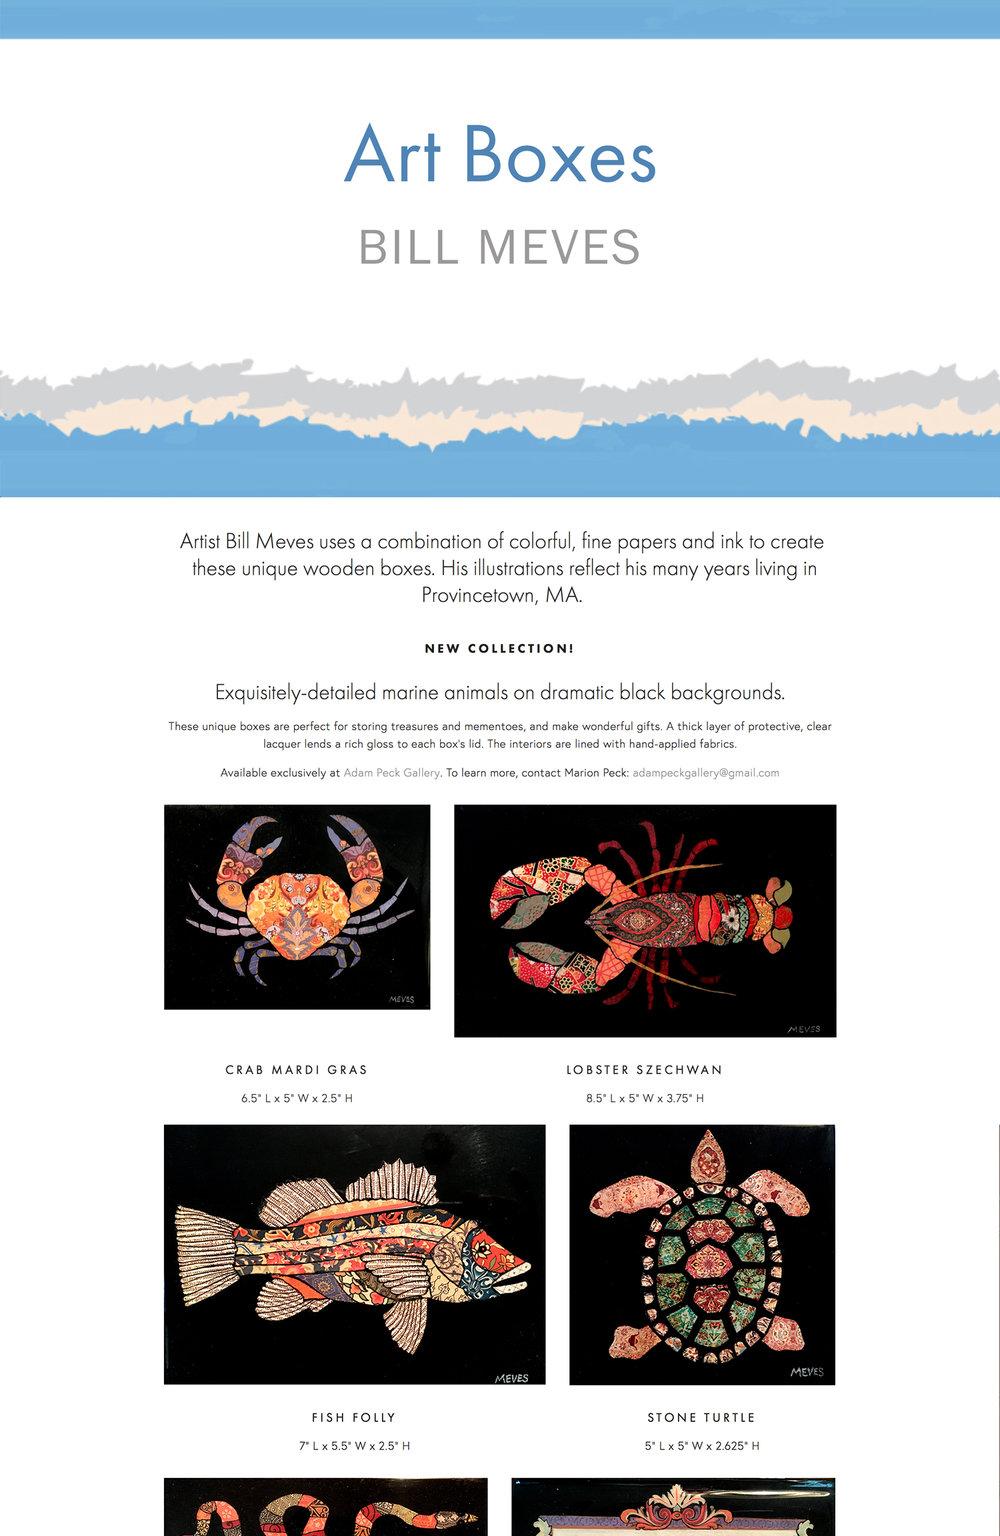 MevesArt_homepage.jpg